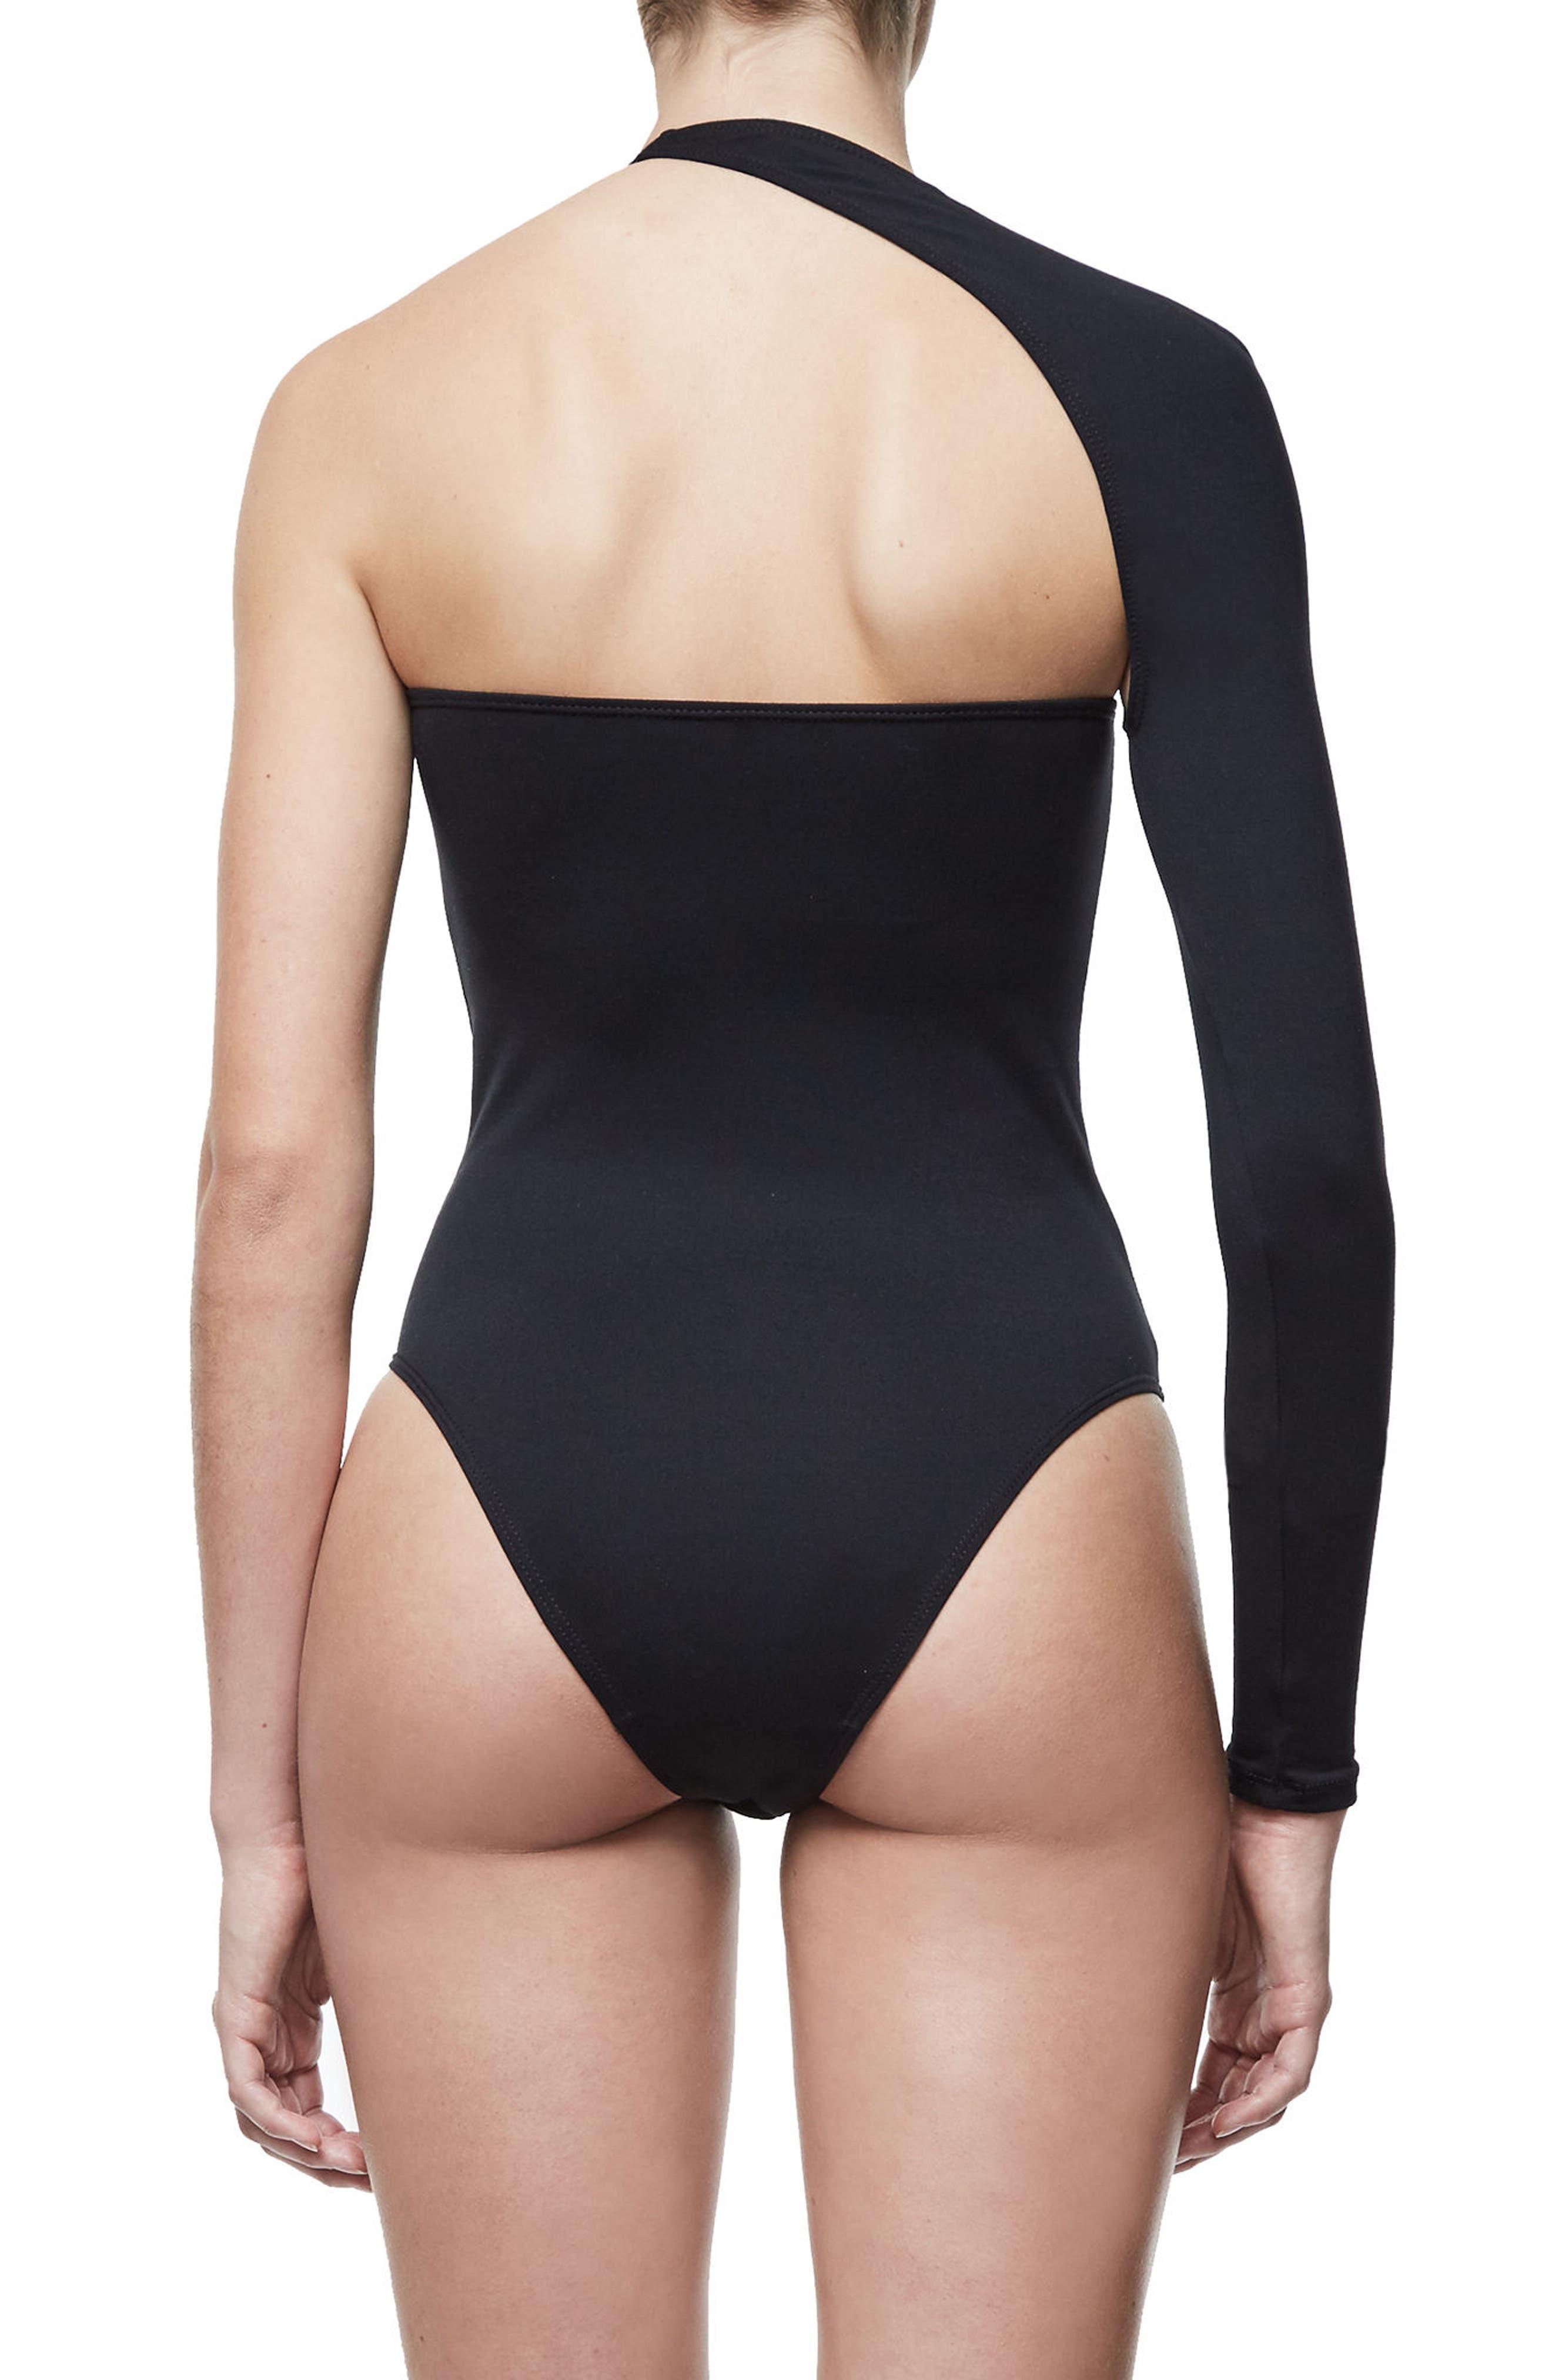 Alternate Image 3  - Good Body Asymmetrical Bodysuit (Extended Sizes)